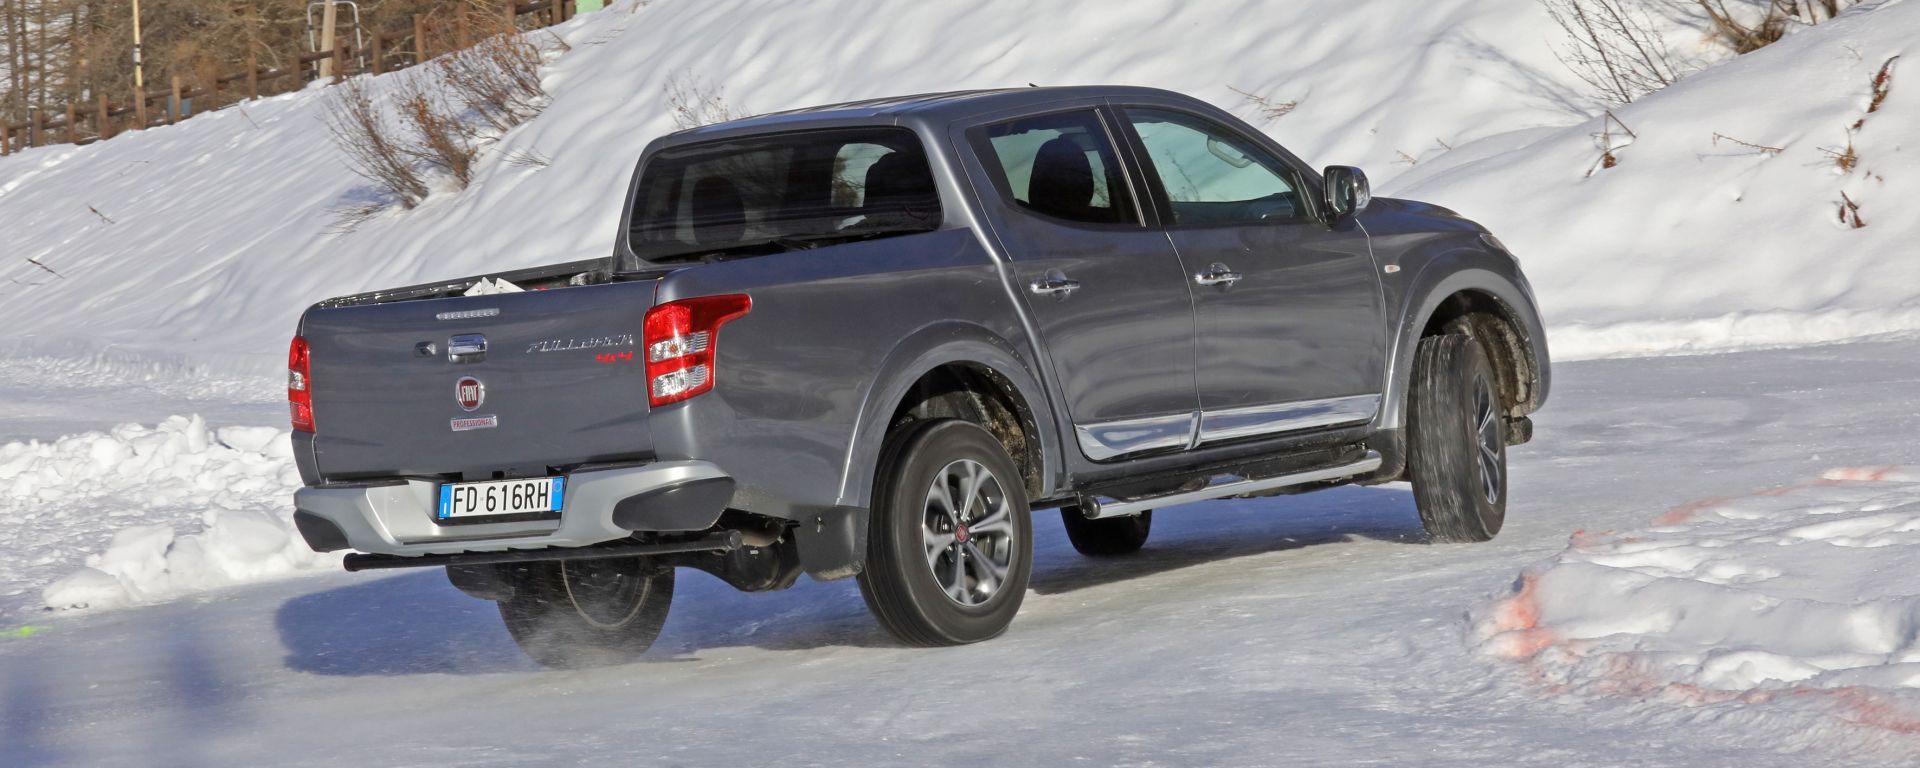 Fiat Fullback: la portata complessiva supera la tonnellata